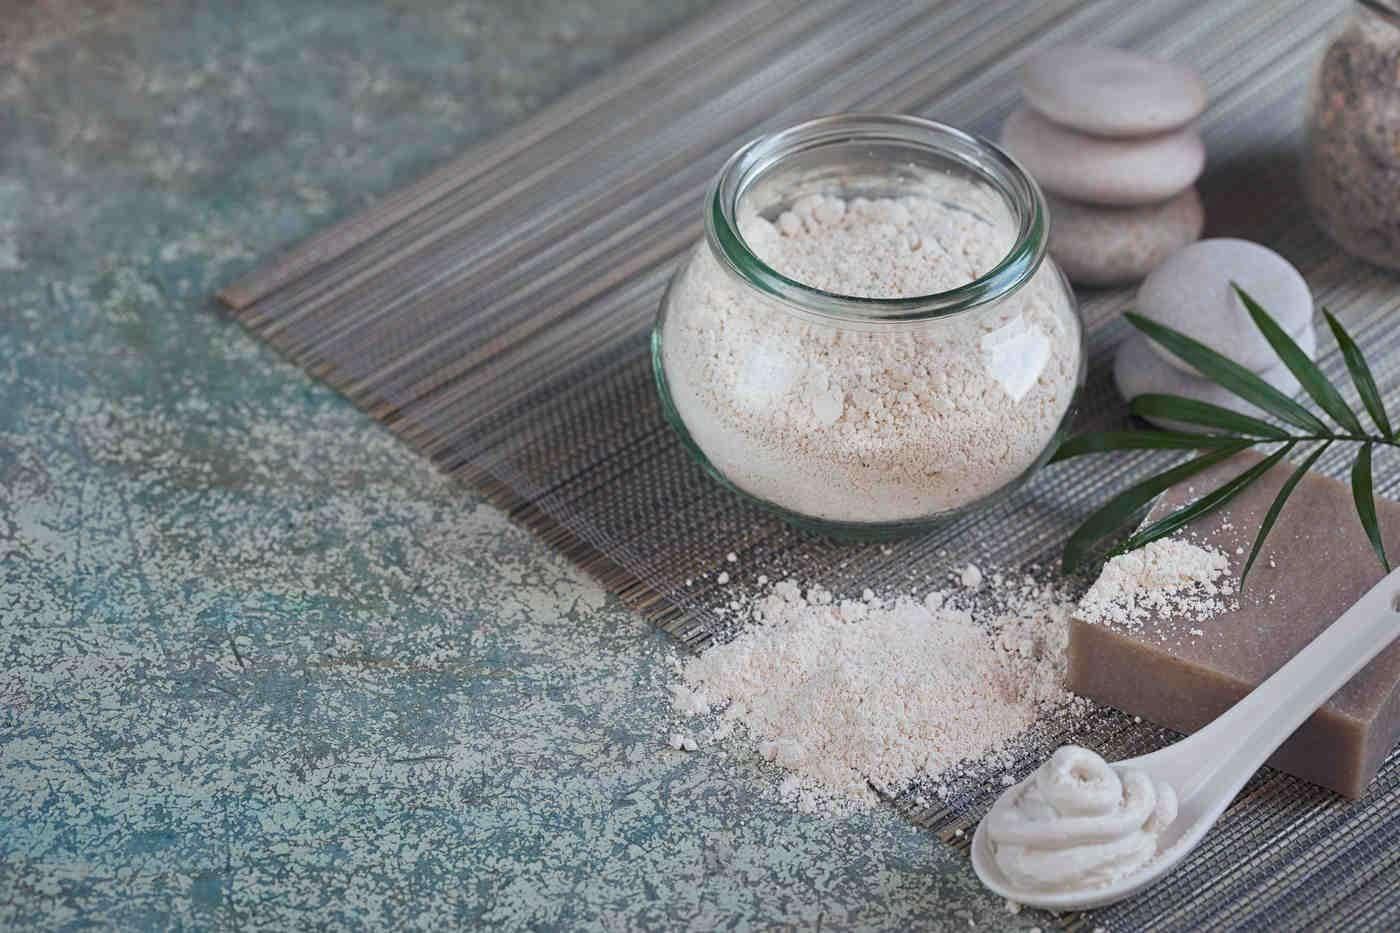 Pudra de argilă albă - beneficii pentru piele și dinți